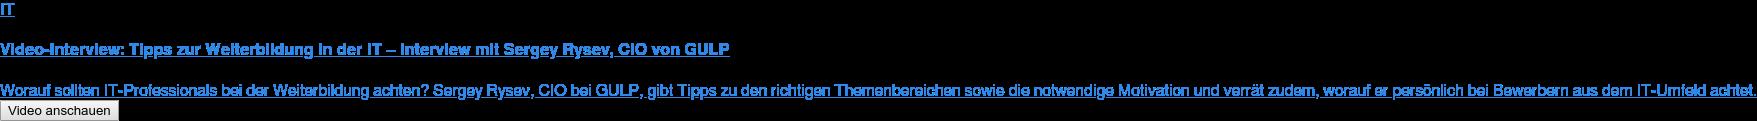 IT  Video-Interview: Tipps zur Weiterbildung in der IT – Interview mit Sergey  Rysev, CIO von GULP  Worauf sollten IT-Professionals bei der Weiterbildung achten? Sergey Rysev,  CIO bei GULP, gibt Tipps zu den richtigen Themenbereichen sowie die notwendige  Motivation und verrät zudem, worauf er persönlich bei Bewerbern aus dem  IT-Umfeld achtet. Video anschauen